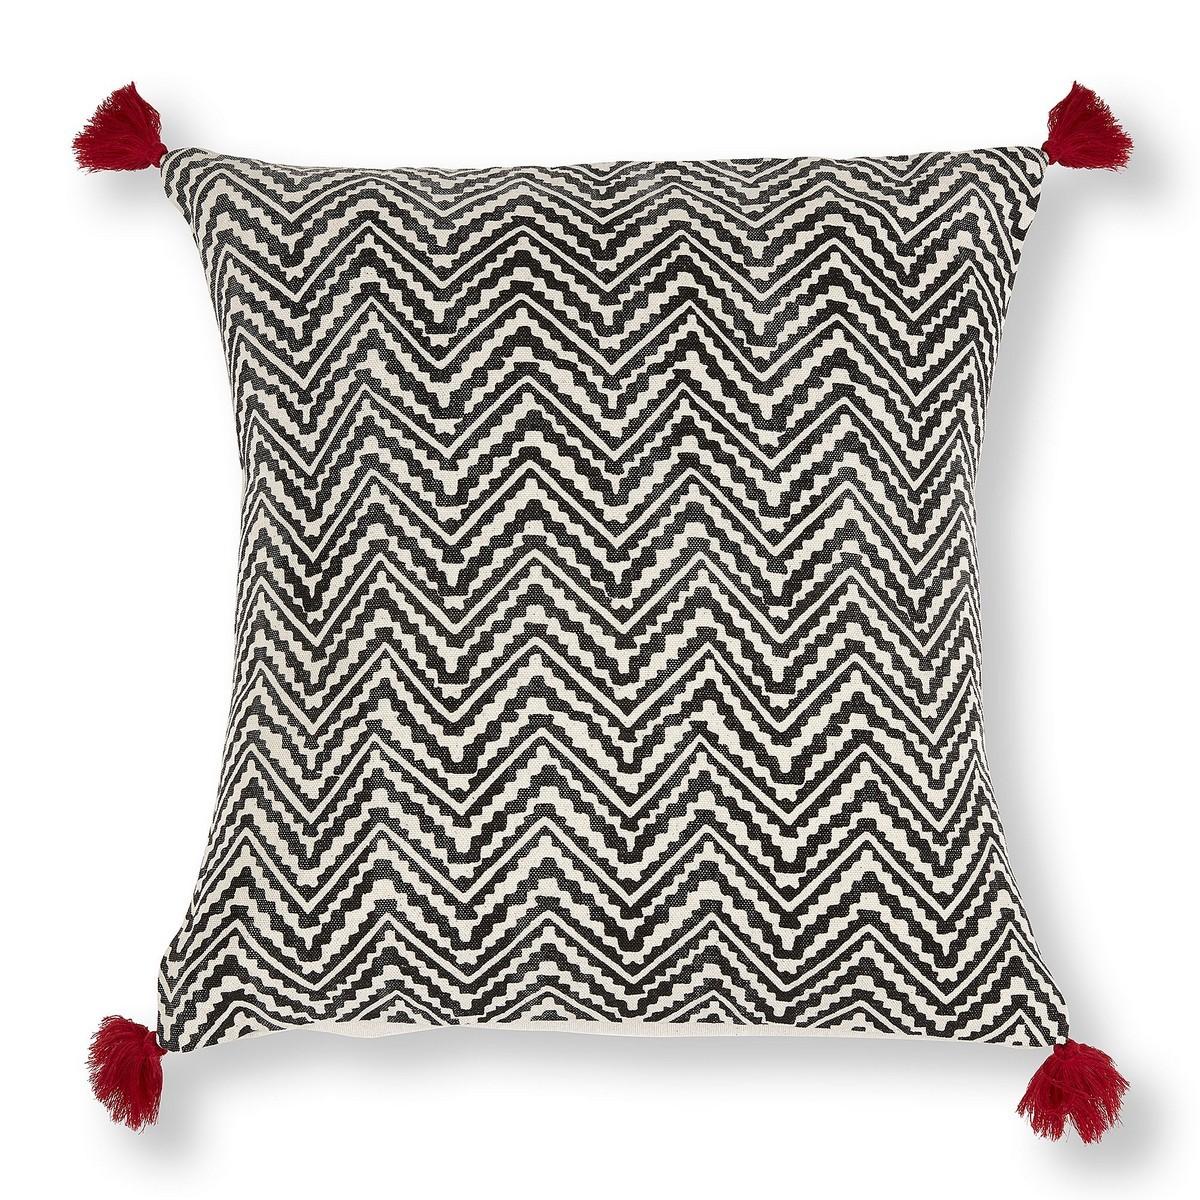 Mylee Cotton Scatter Cushion